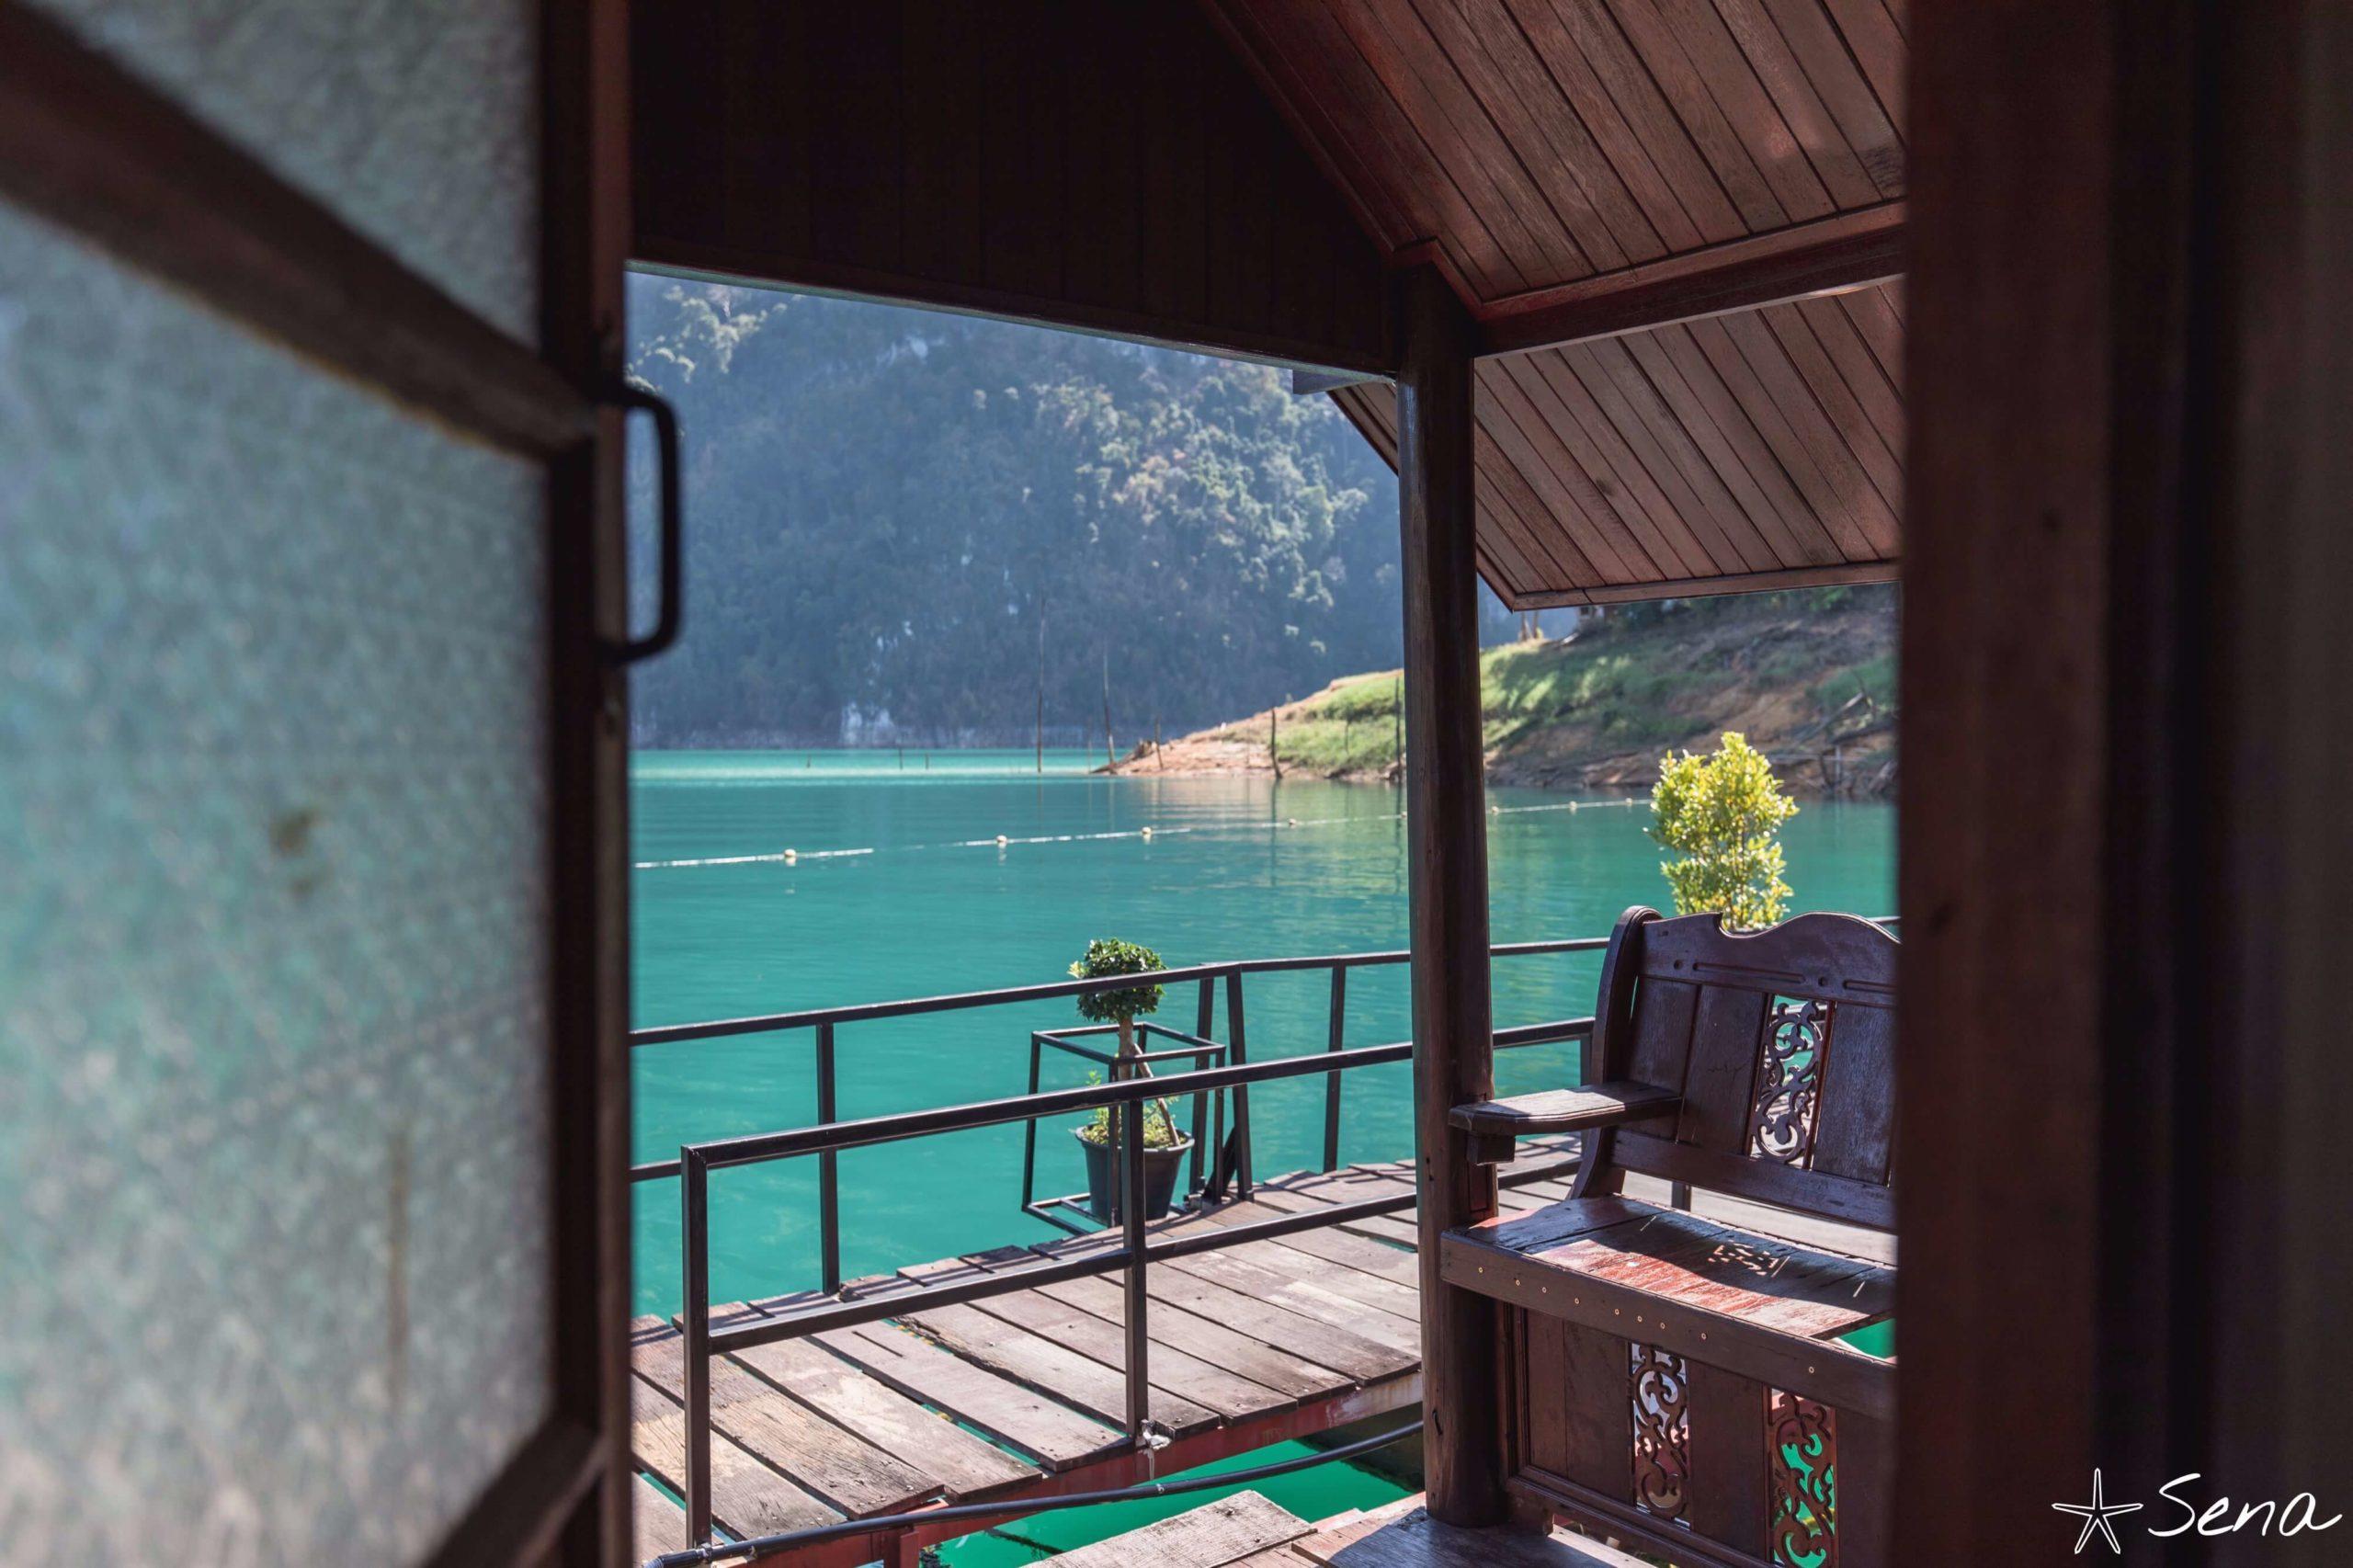 カオソック国立公園 湖上コテージからの景色